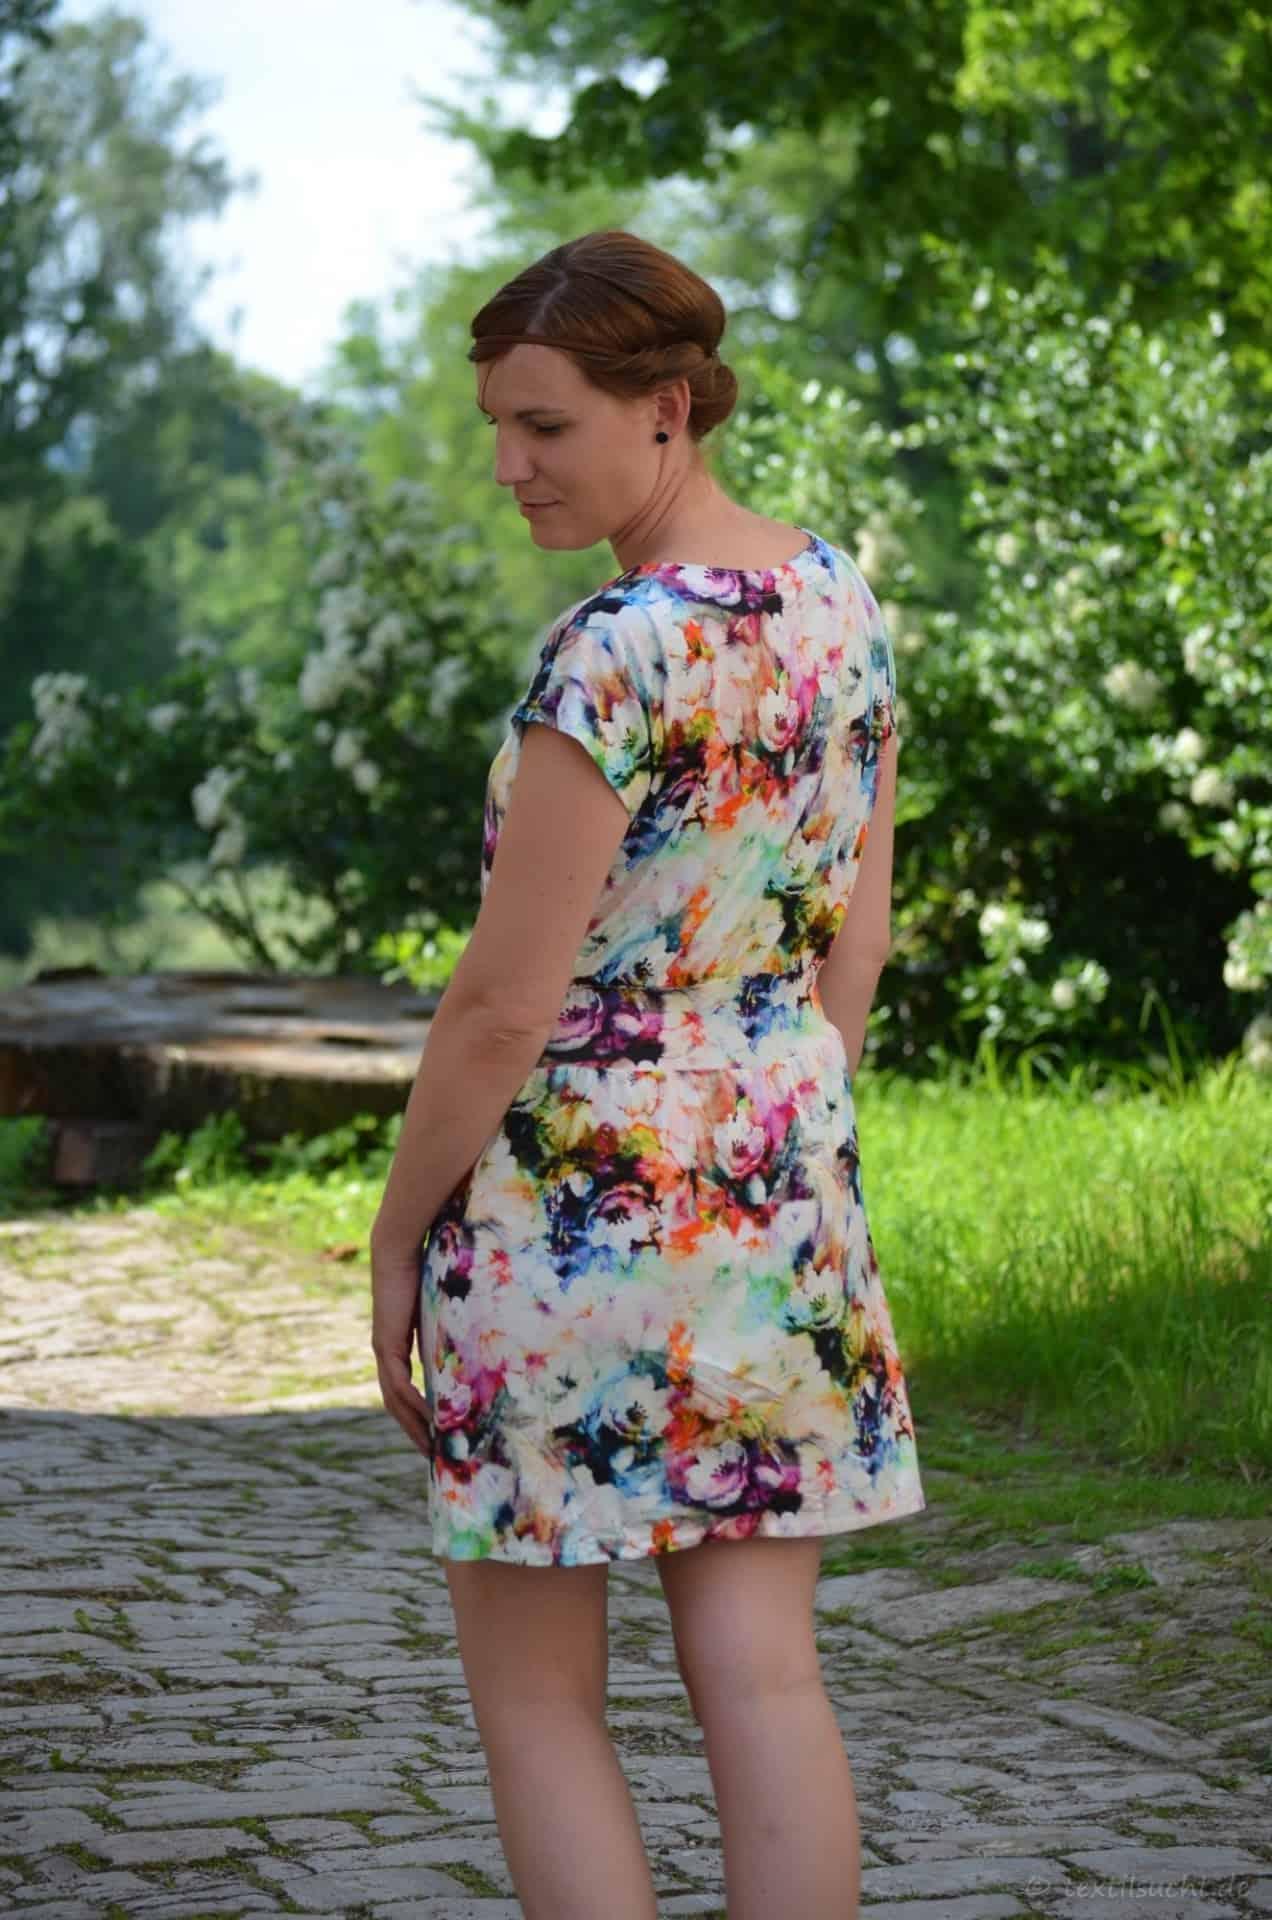 Lieblingskleid Federleicht: Schnittmuster Sommerkleid mit Bündchen - Bild 4